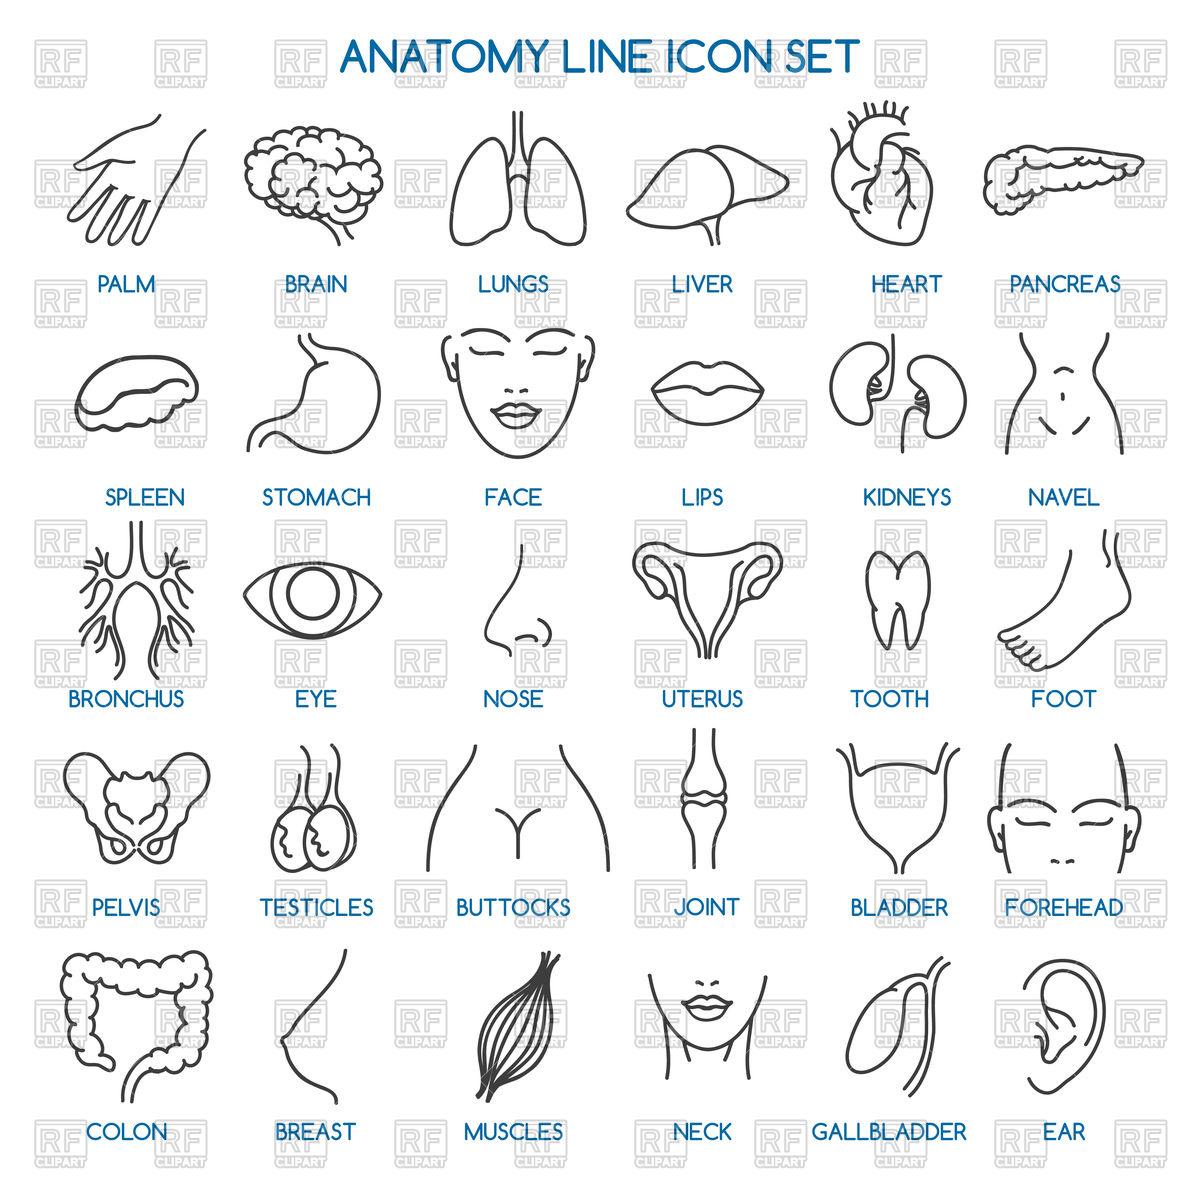 Anatomy line icons.